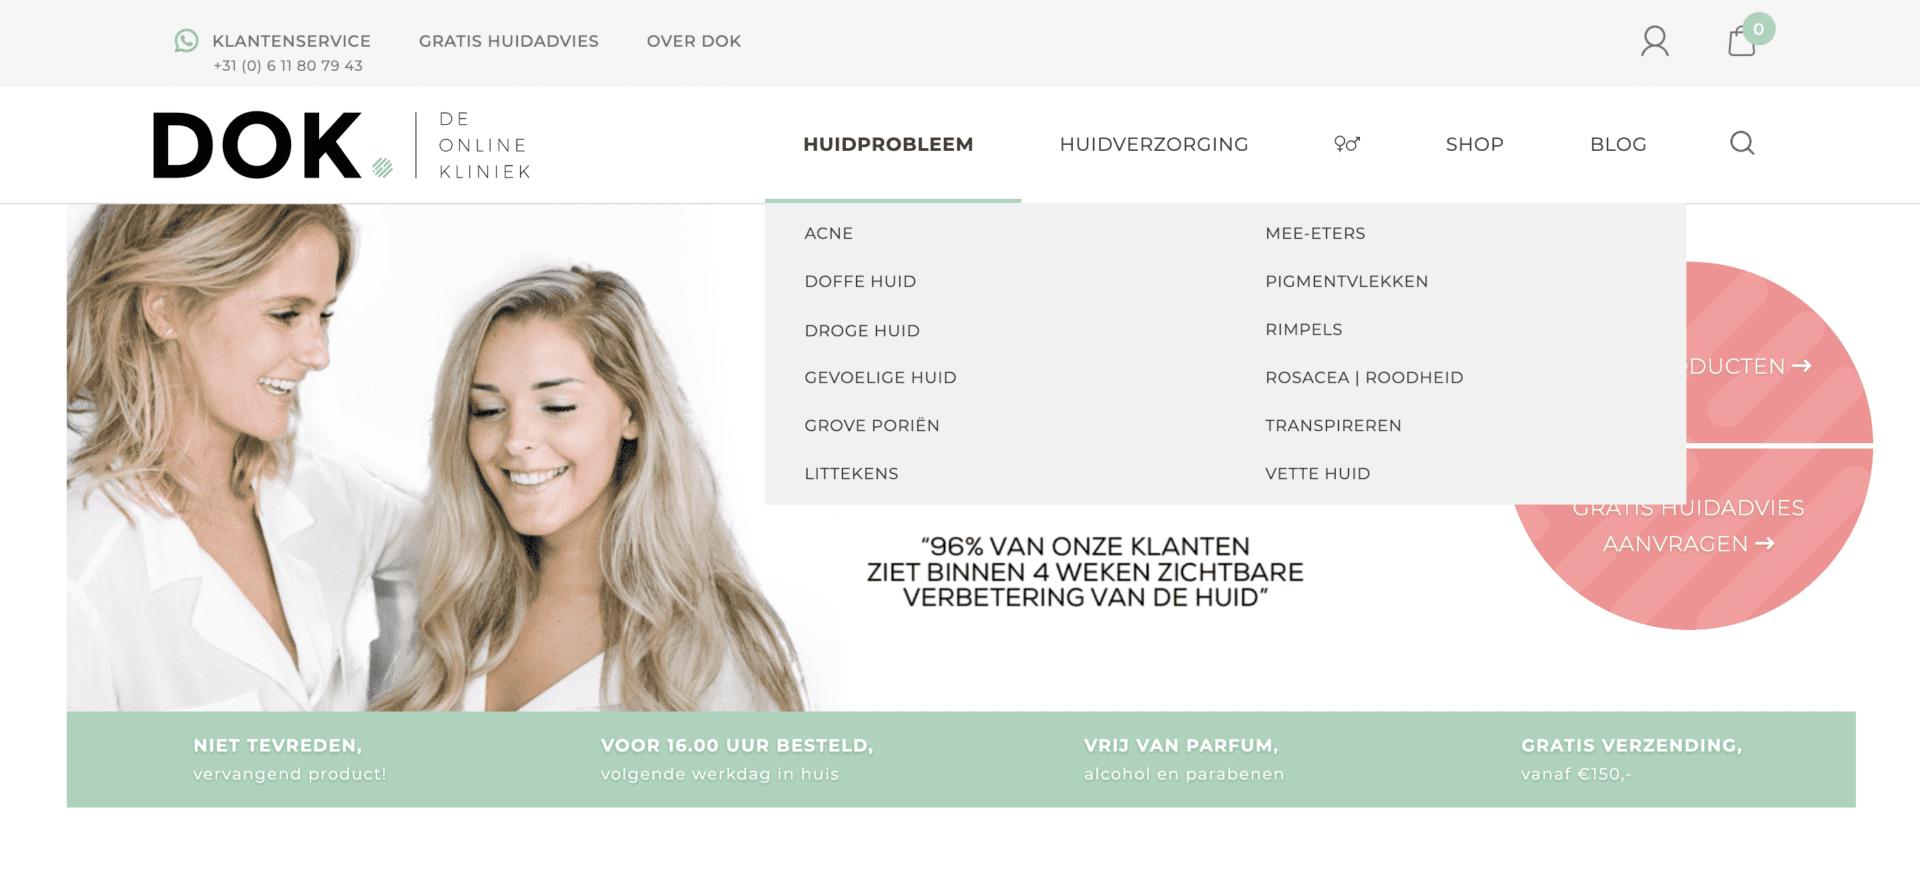 Deonlinekliniek-website-navigatie